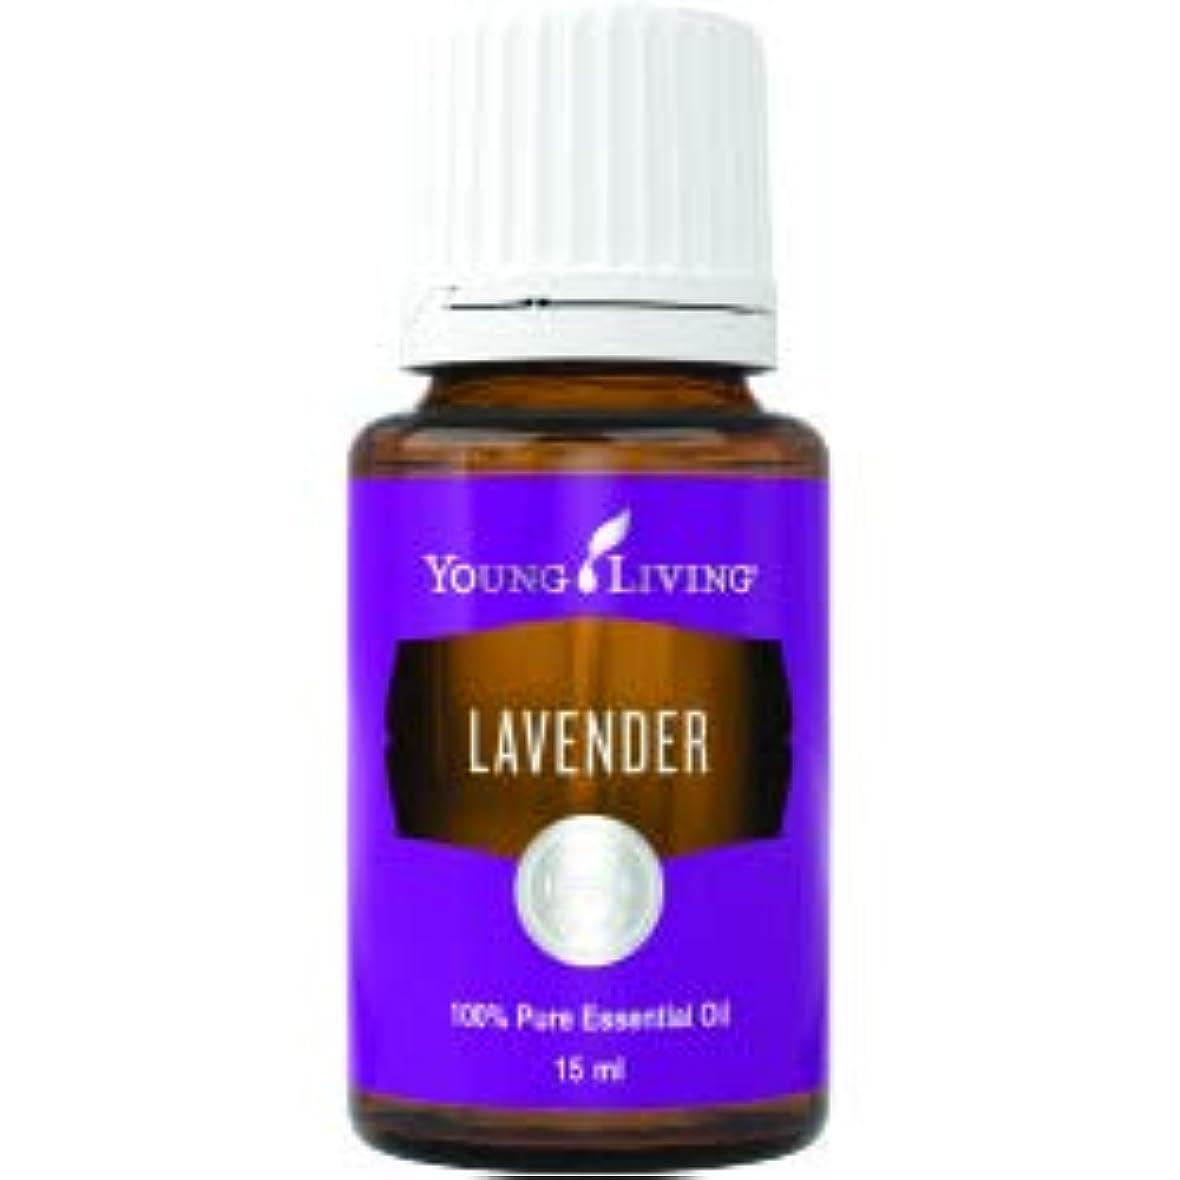 ポスター害虫何ラベンダーエッセンシャルオイル15ml by Young Livingエッセンシャルオイルマレーシア Lavender Essential Oil 15ml by Young Living Essential Oil Malaysia